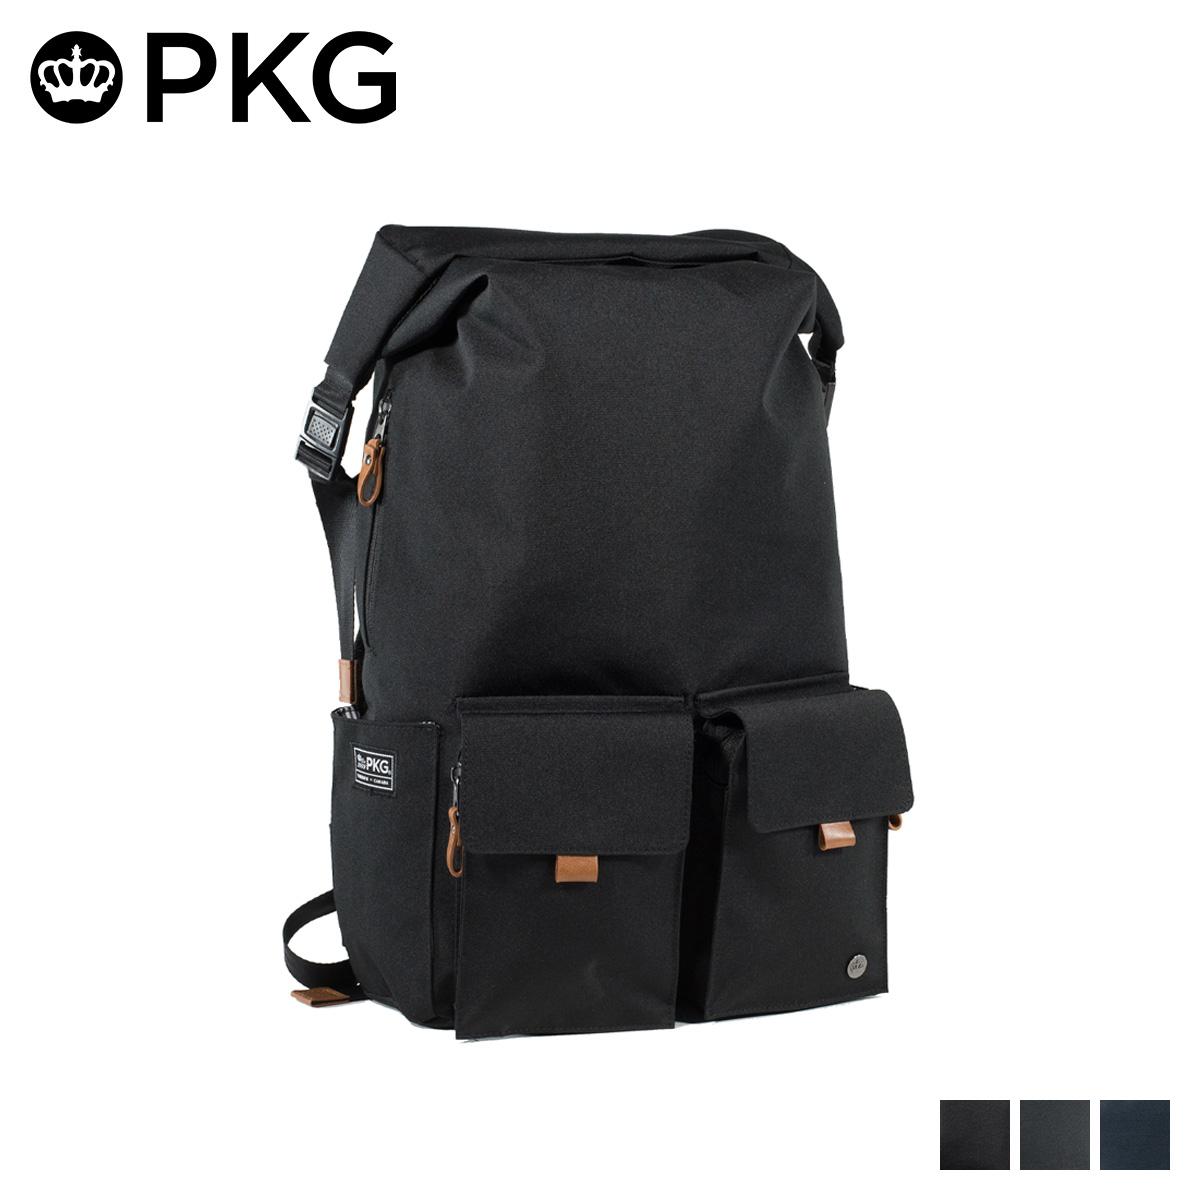 ピーケージー PKG バッグ リュック バックパック メンズ レディース 22L CONCORD ブラック グレー チャコールグレー 黒 LB01P2